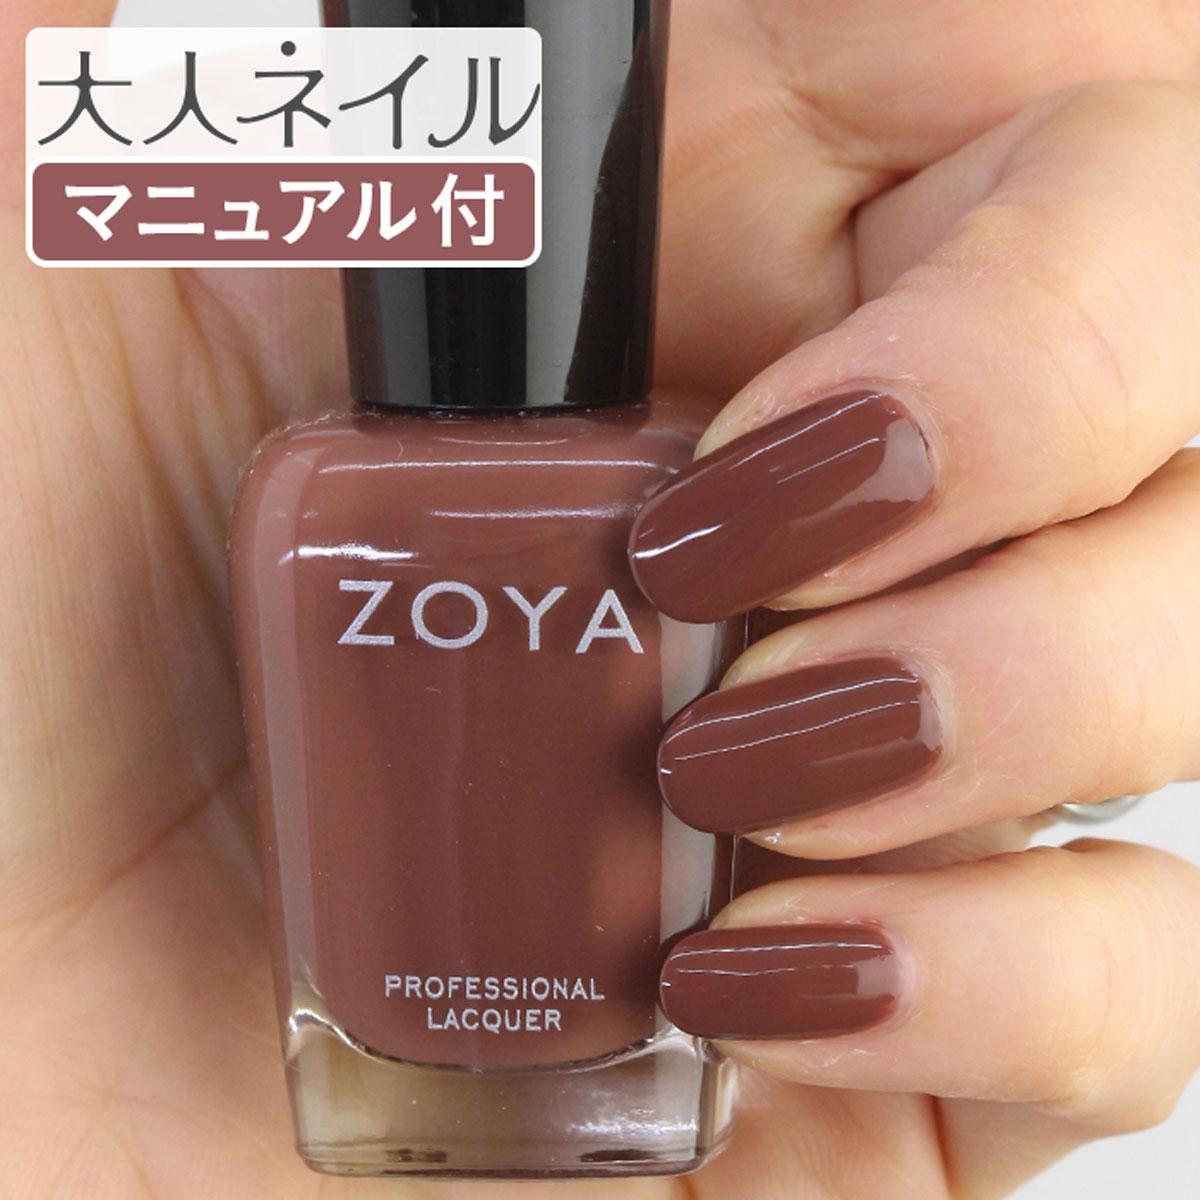 ZOYA ゾーヤ ゾヤ ネイルカラー ZP1003 FOSTER 15mL 自爪 の為に作られた ネイル にやさしい 自然派 マニキュア zoya セルフネイル にもおすすめ チョコレート ブラウン 秋ネイル 秋カラー